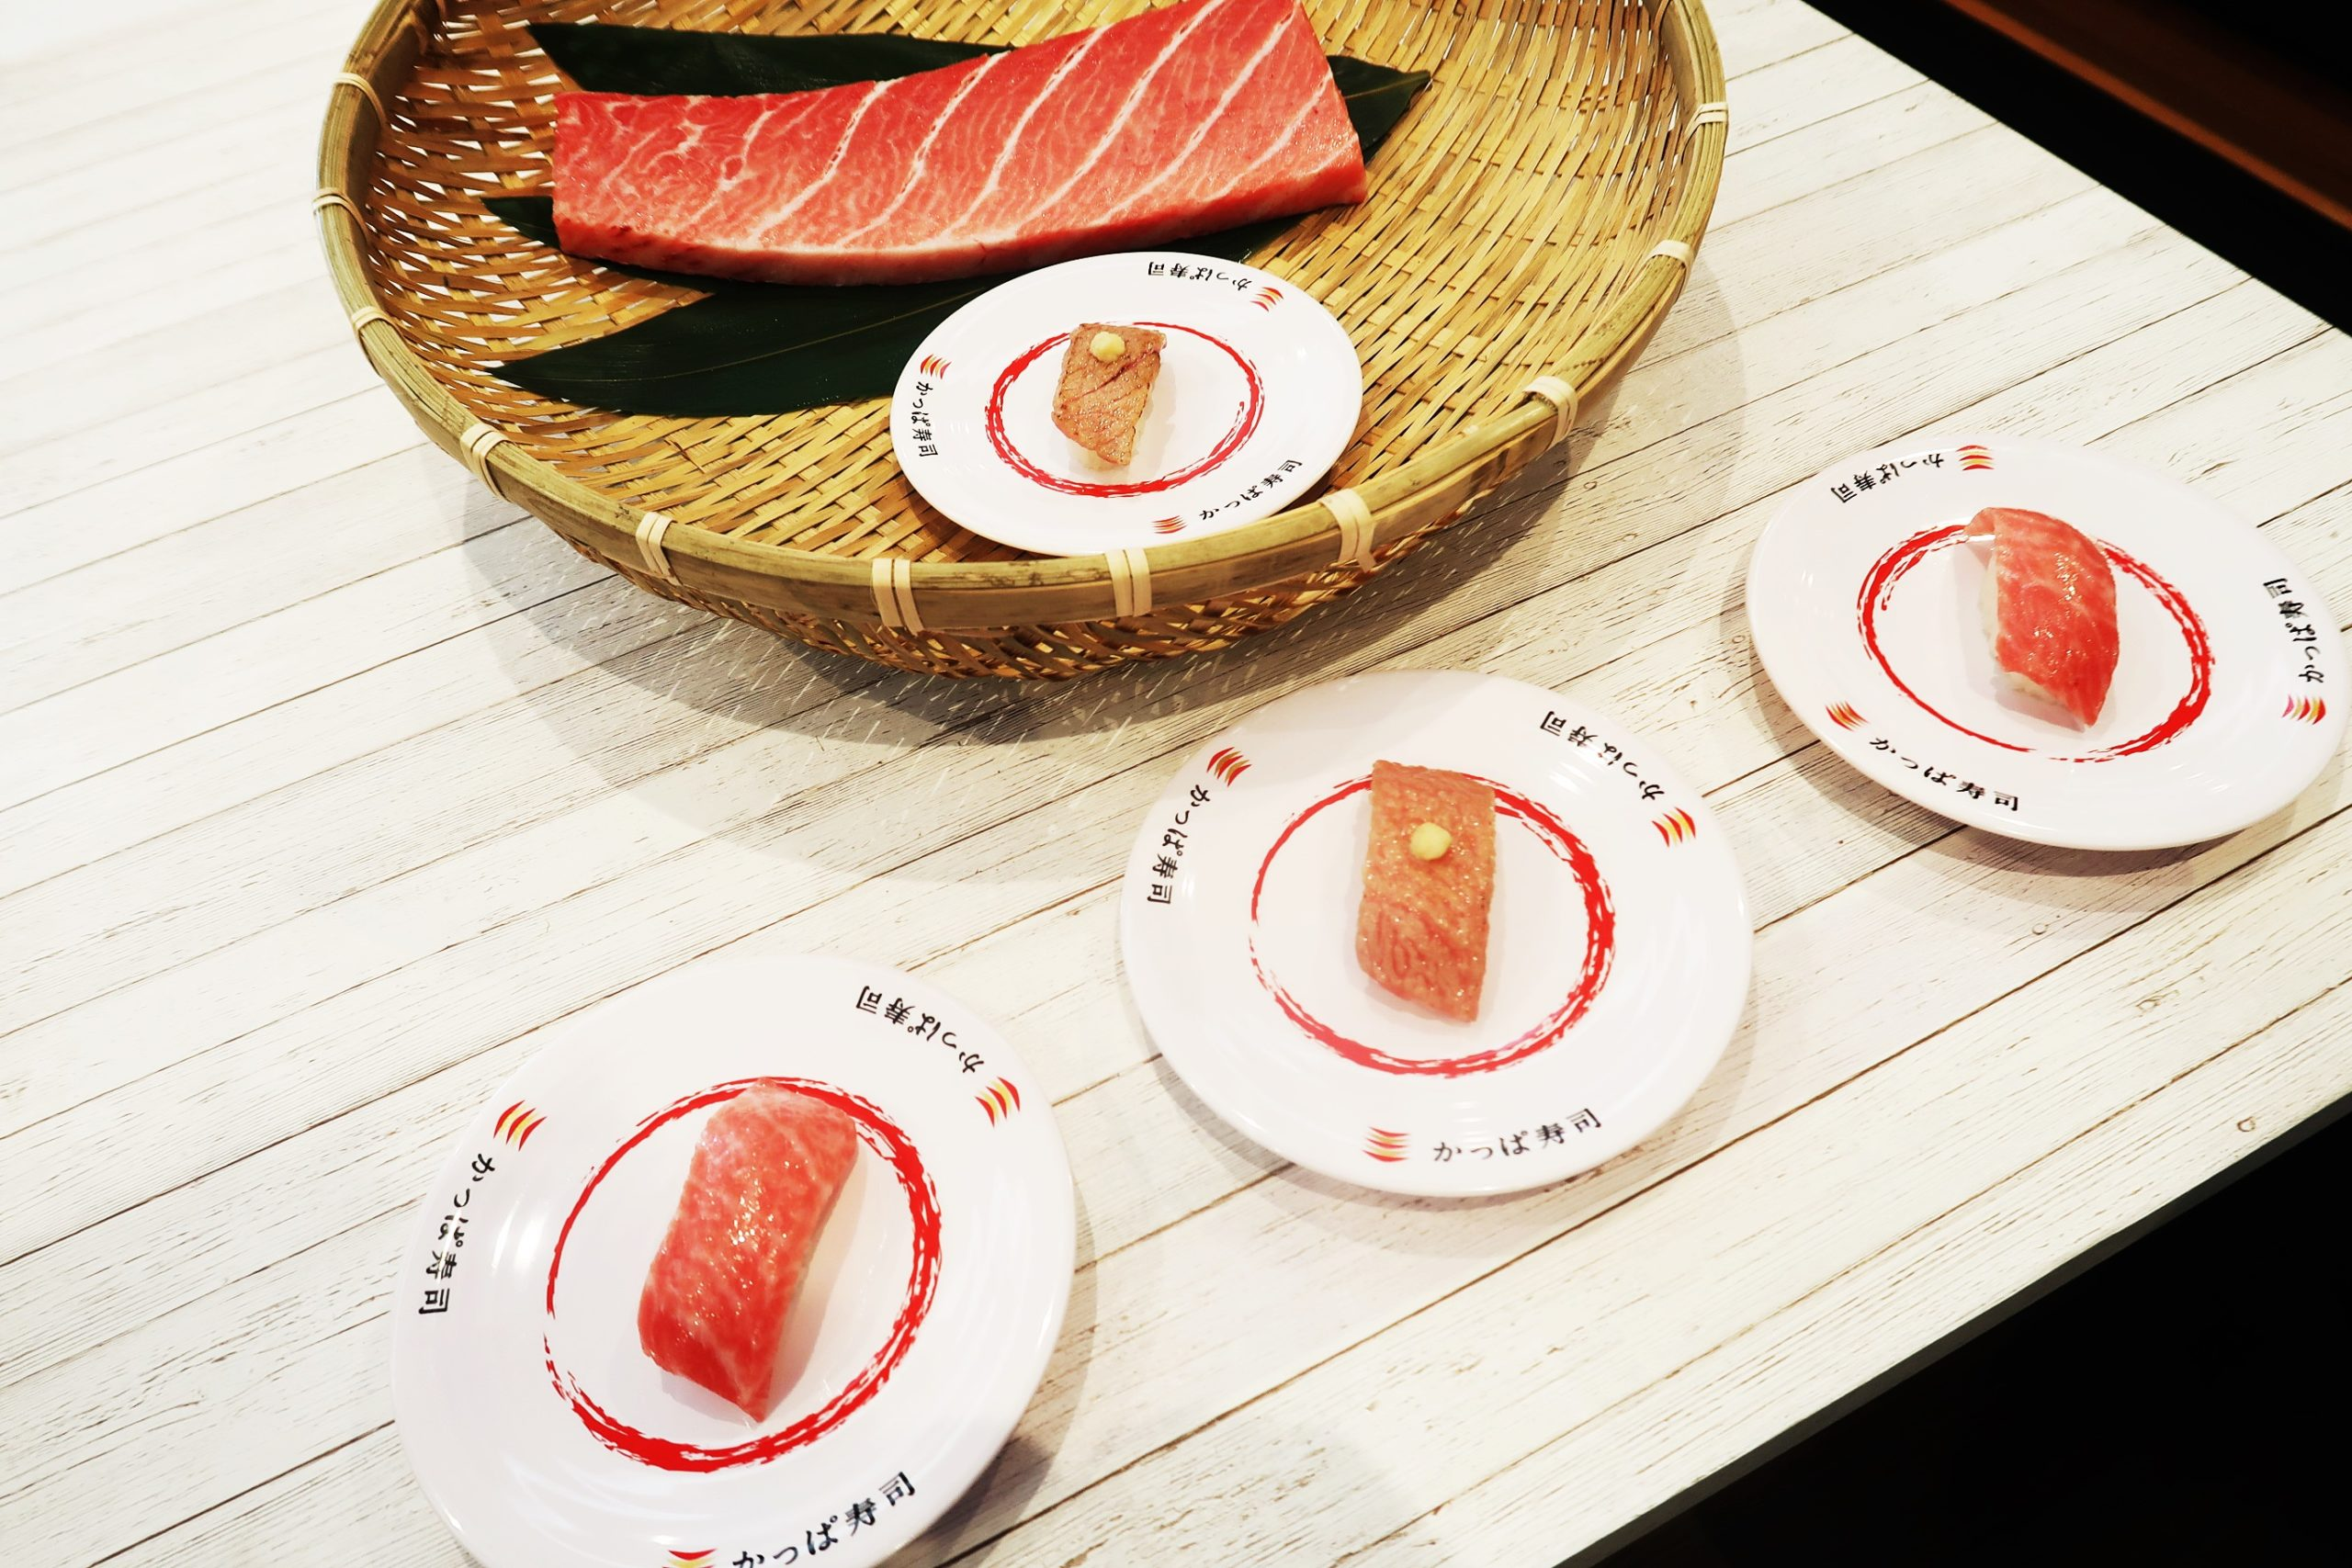 かっぱ 寿司 札幌